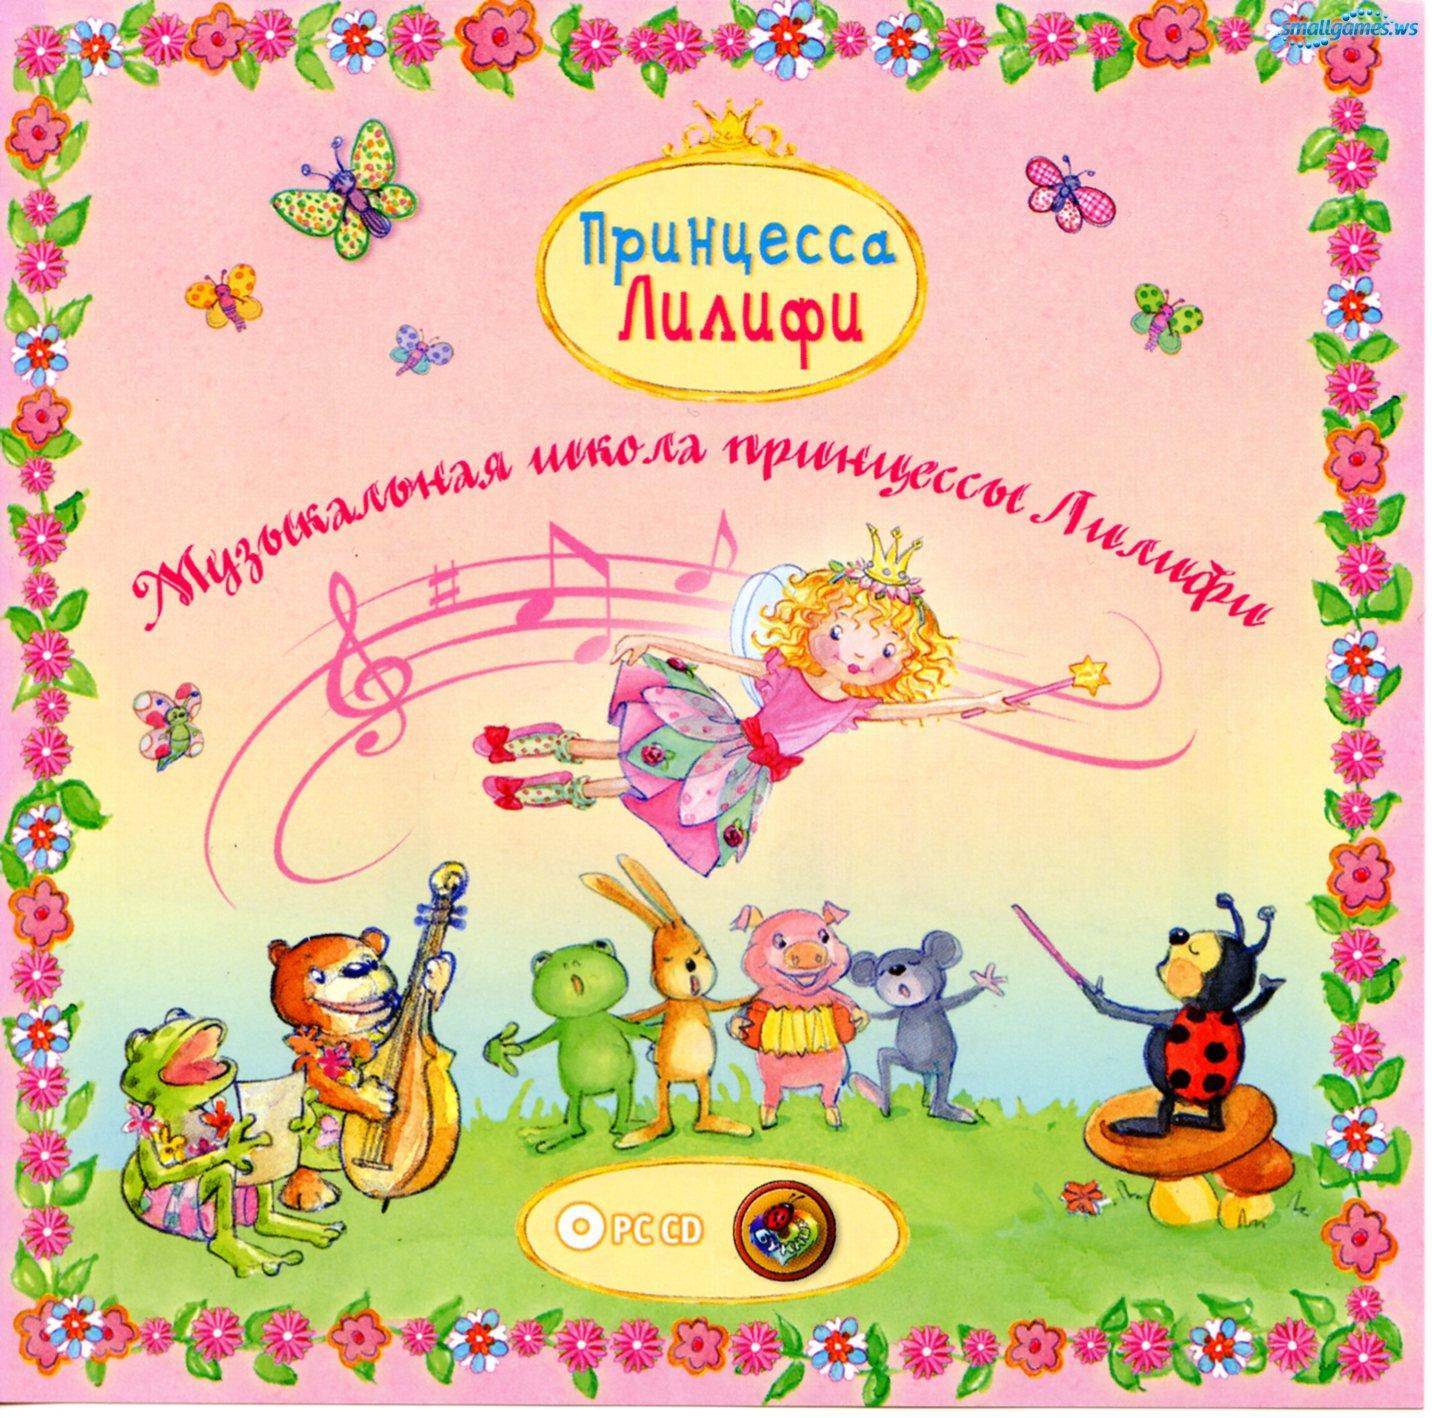 Игру Принцесса Лилифи